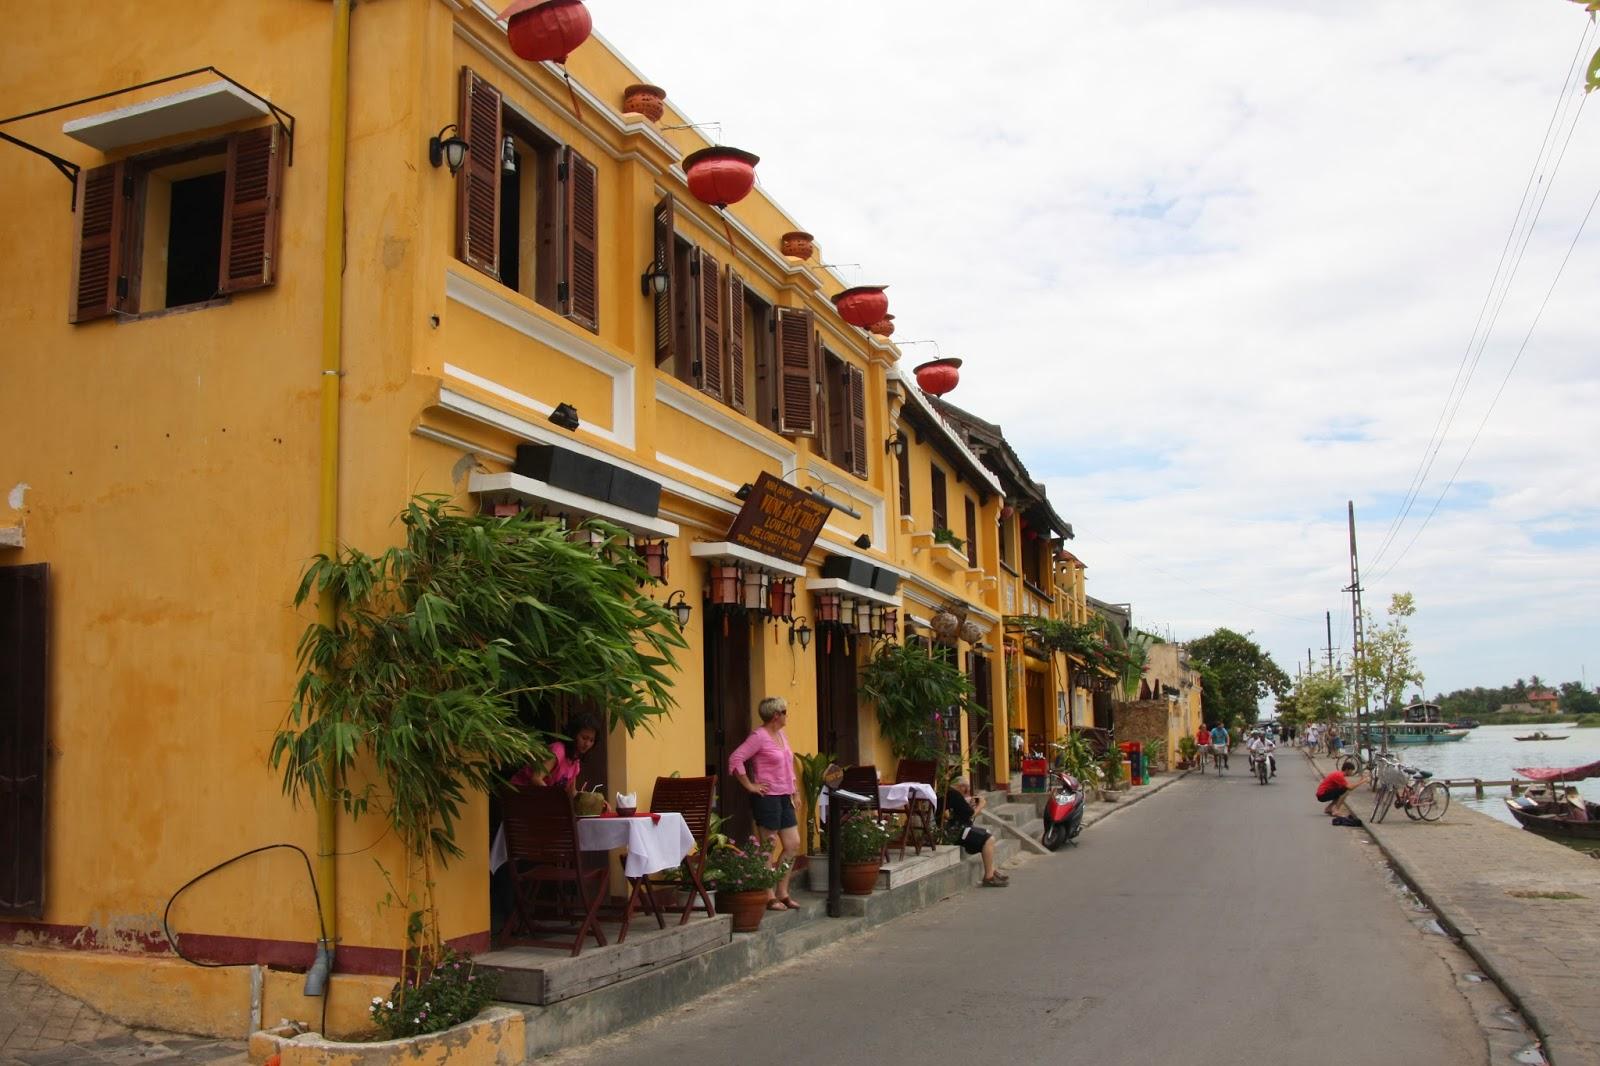 Hoi An river street